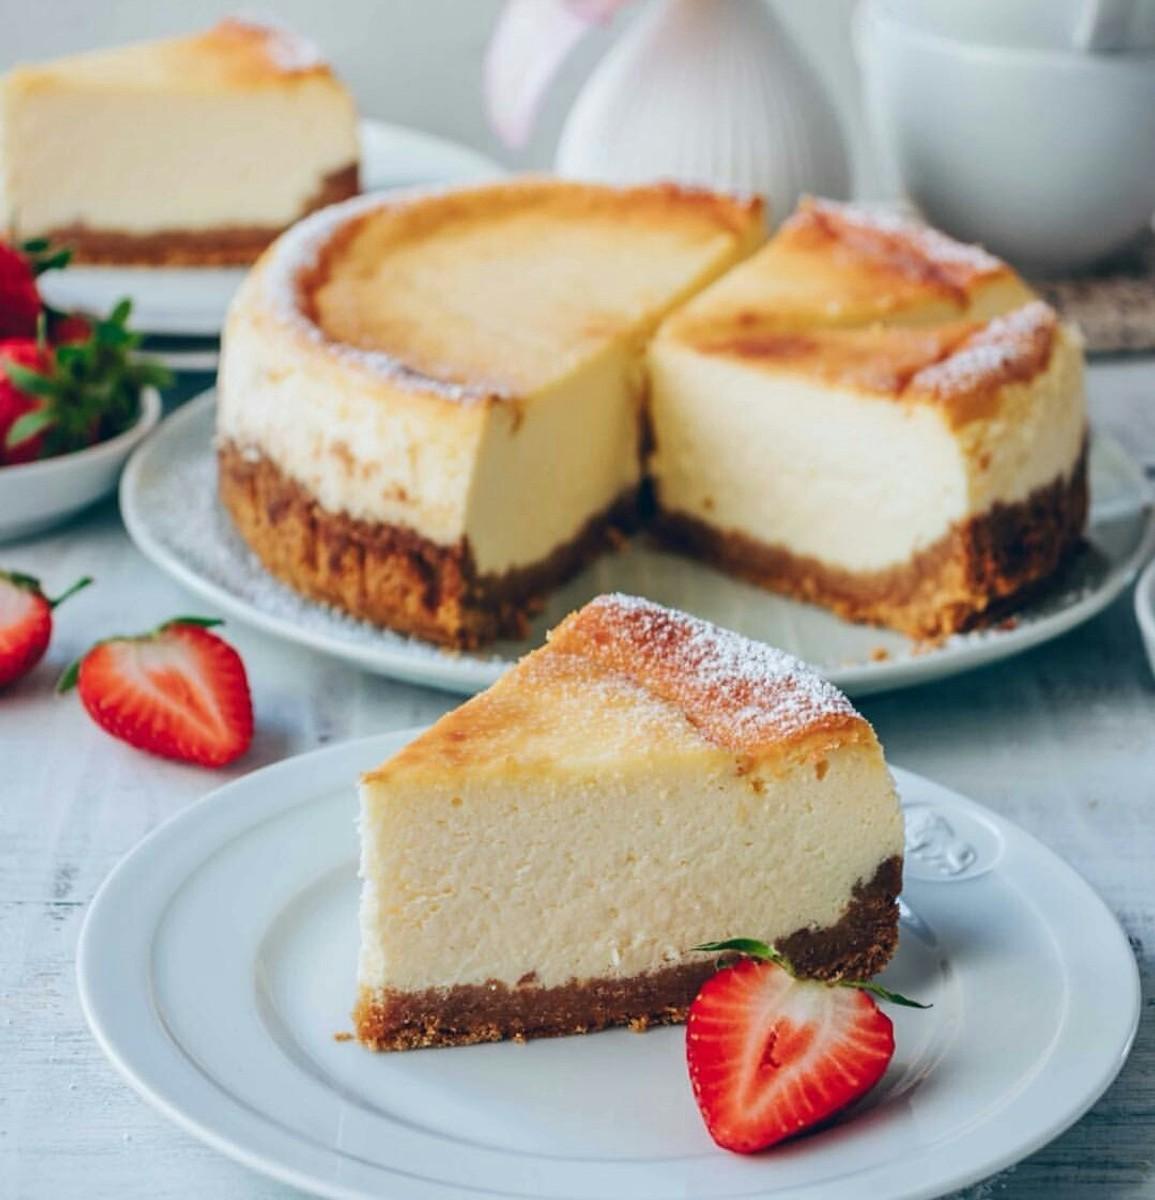 ขนมเค้กเนยแข็ง: (400)  - 2